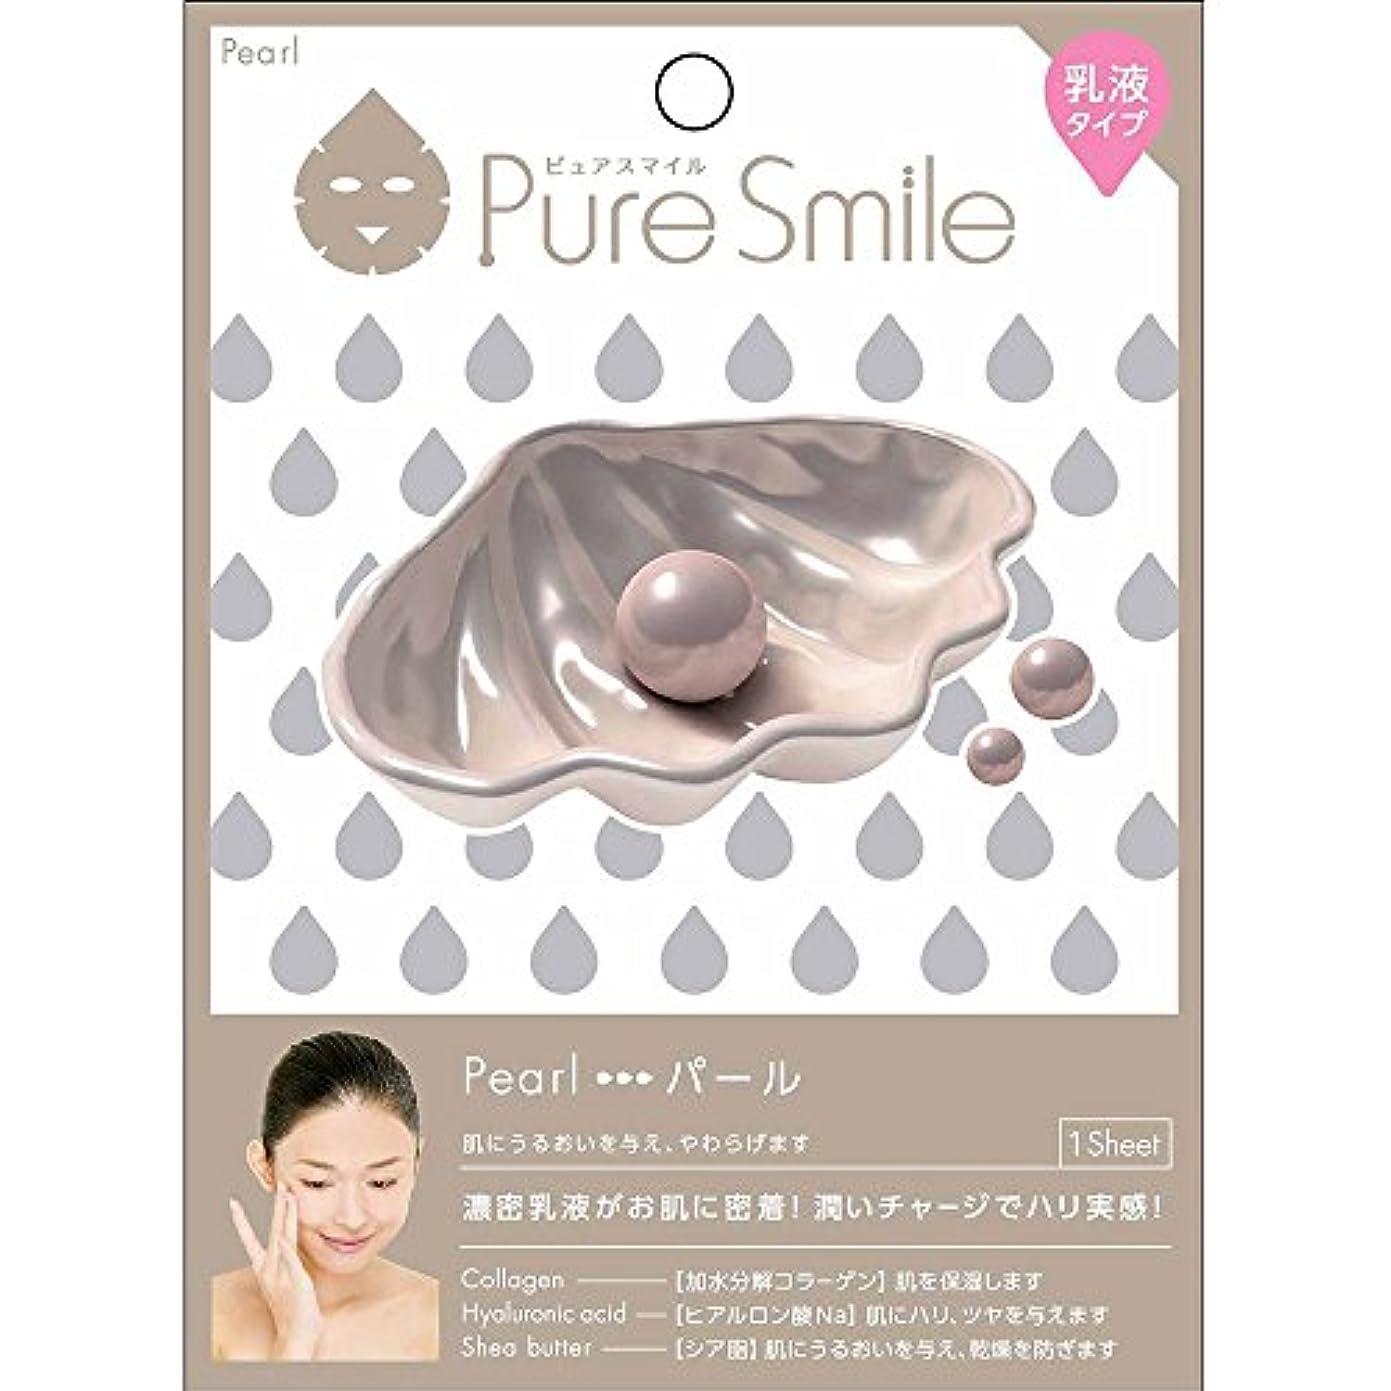 幸運な司教広告主Pure Smile(ピュアスマイル) 乳液エッセンスマスク 1 枚 パール